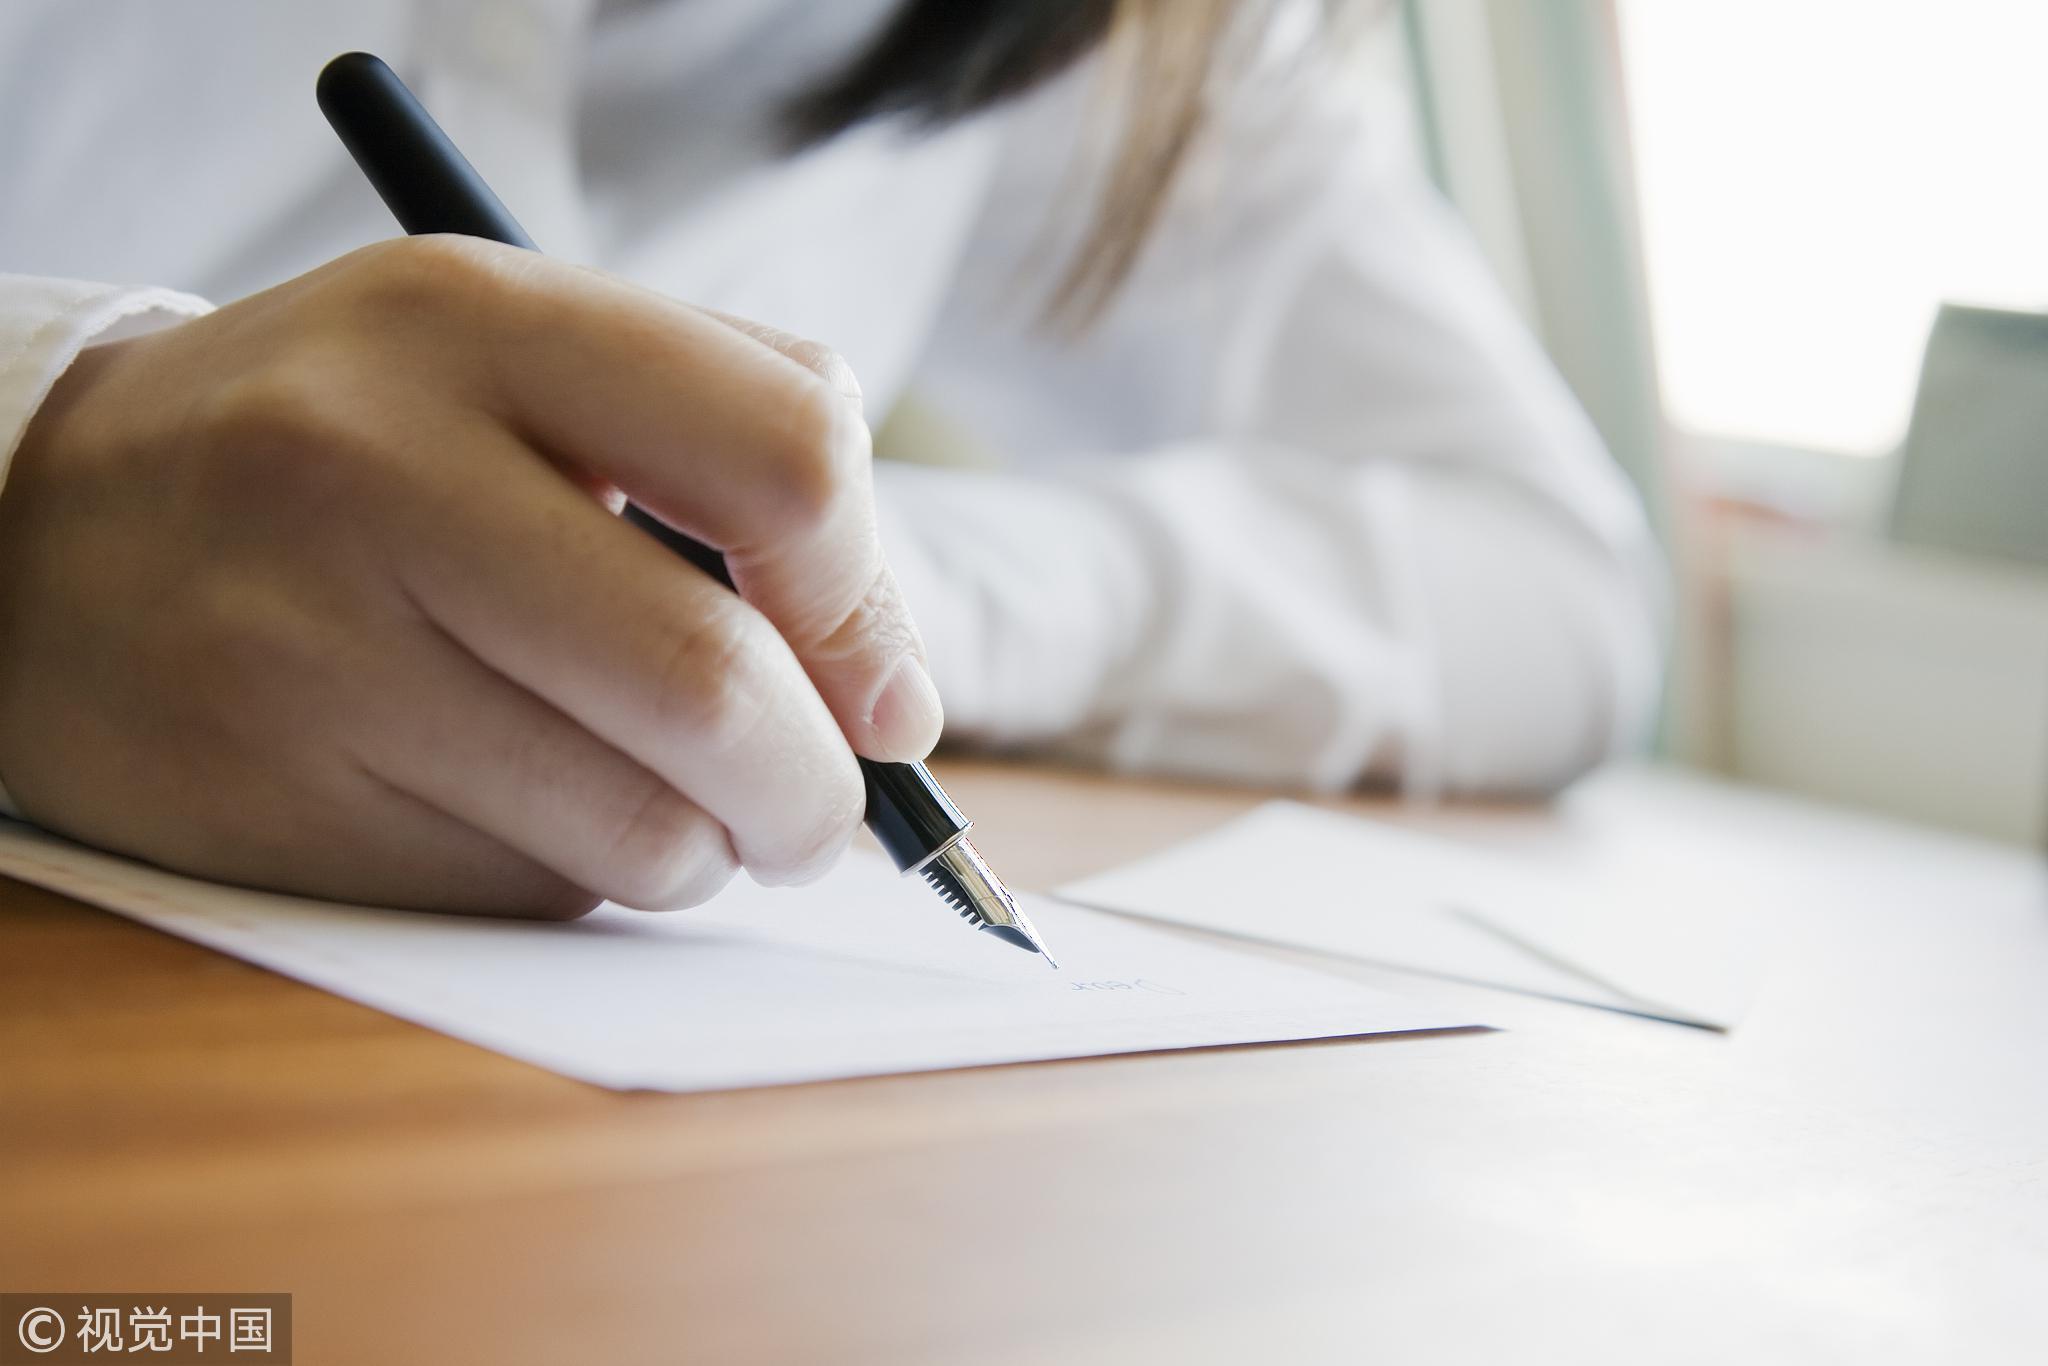 高考语文阅卷人:要允许高考满分作文有瑕疵